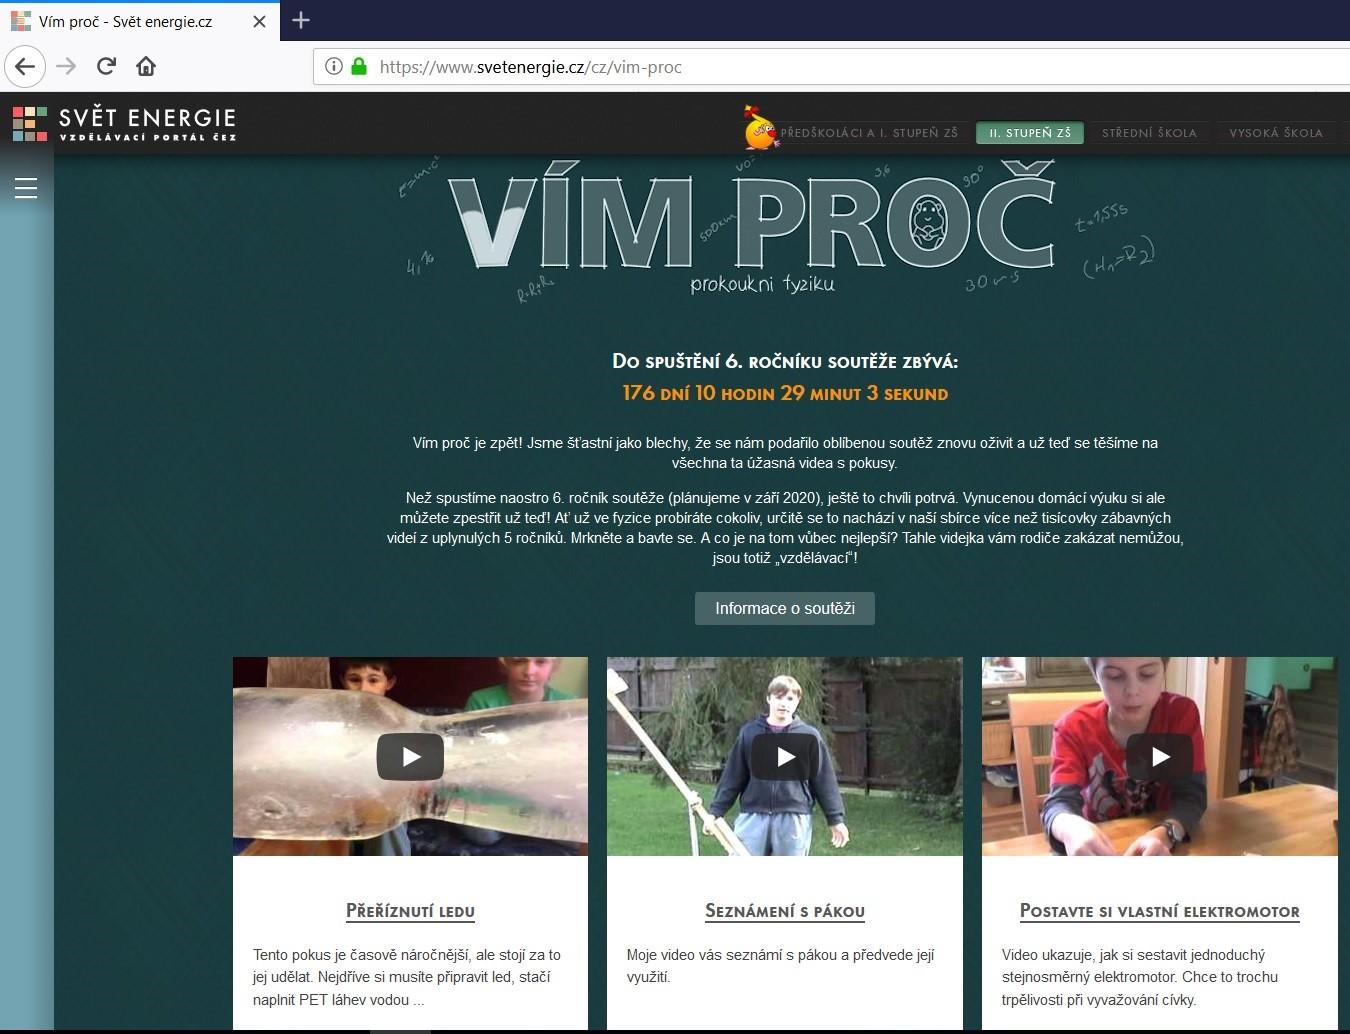 ČEZ pomůže dětem s fyzikou: zpřístupnil tisíc videí s pokusy a chystá soutěž o 200 000 korun